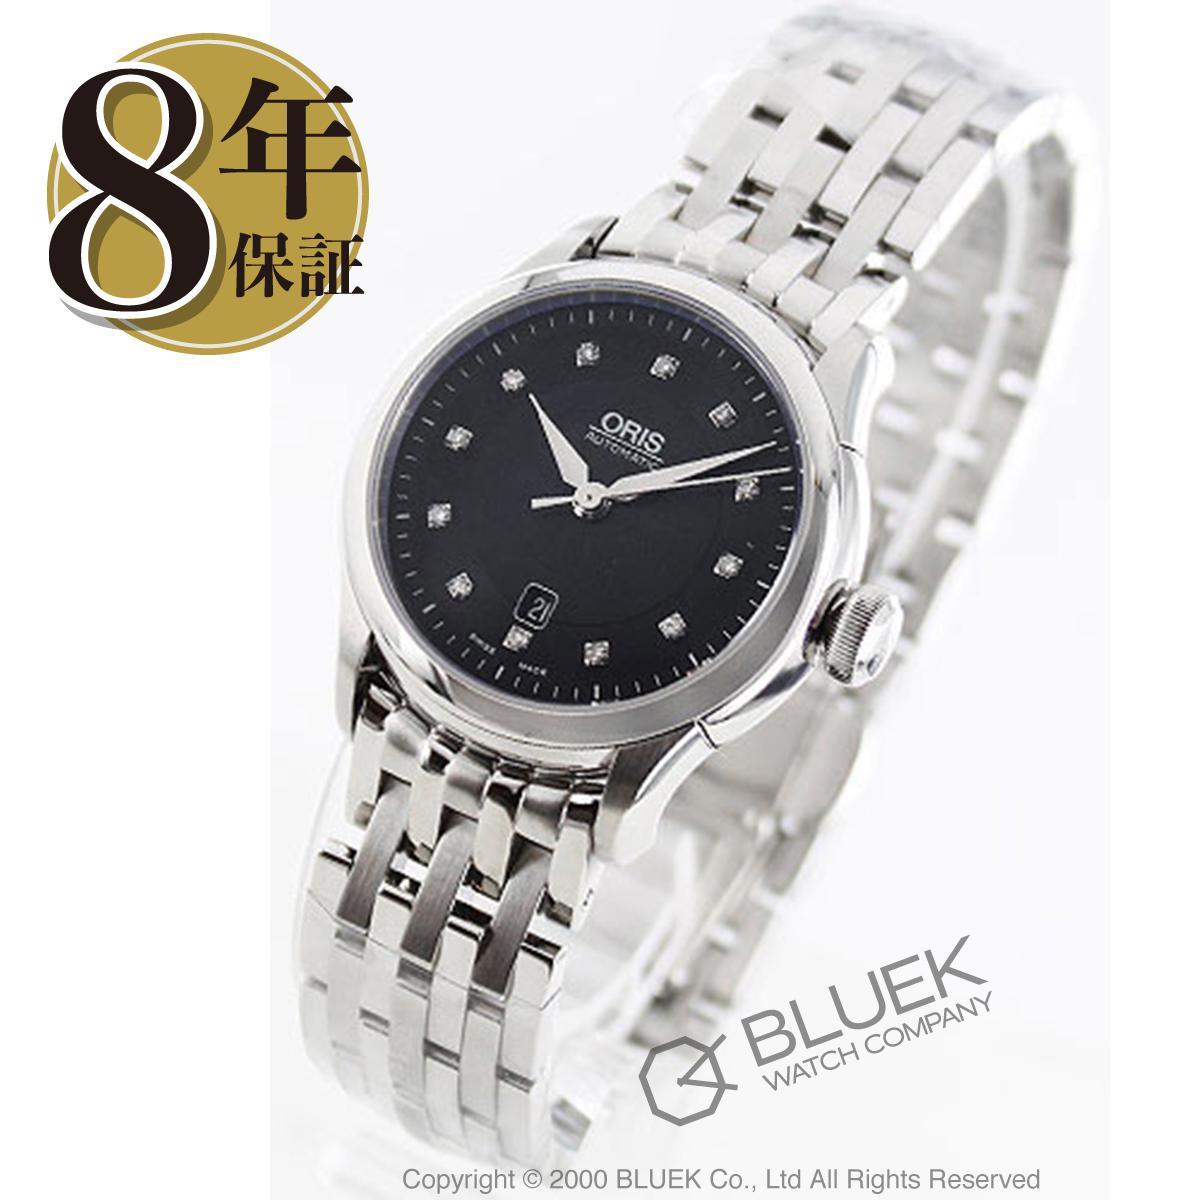 オリス アートリエ ダイヤ 腕時計 レディース ORIS 561 7604 4099M_8